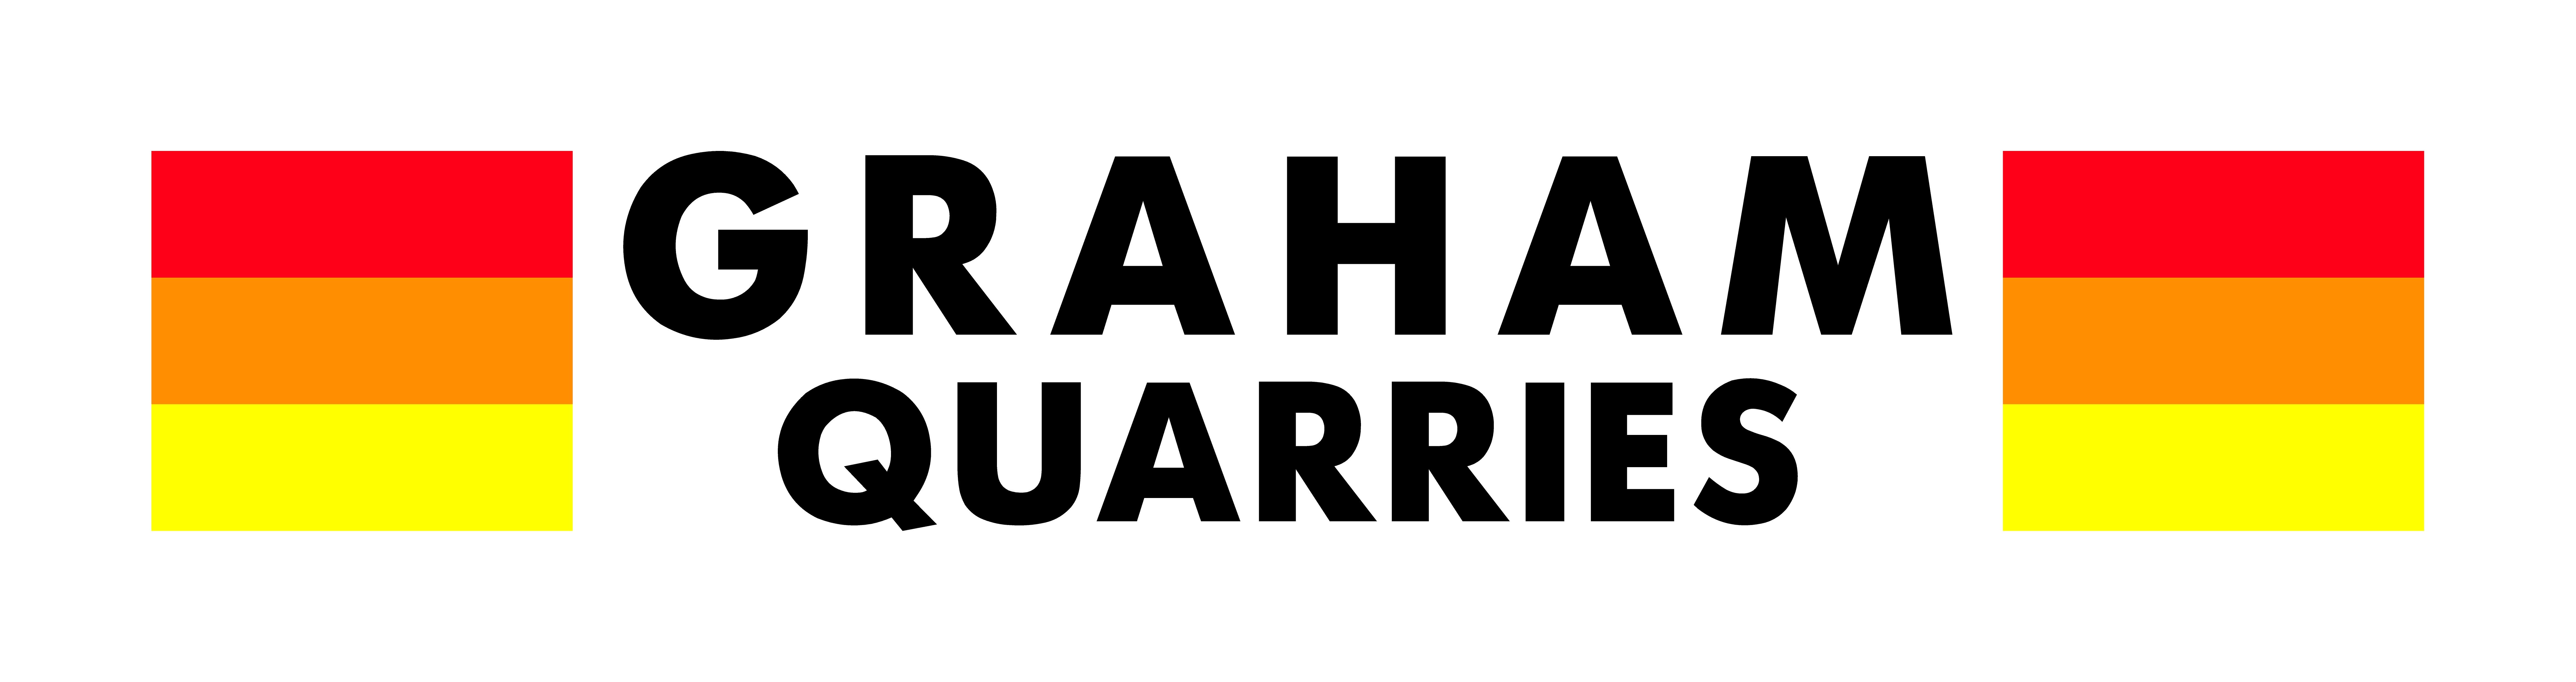 Graham Quarries White Backing